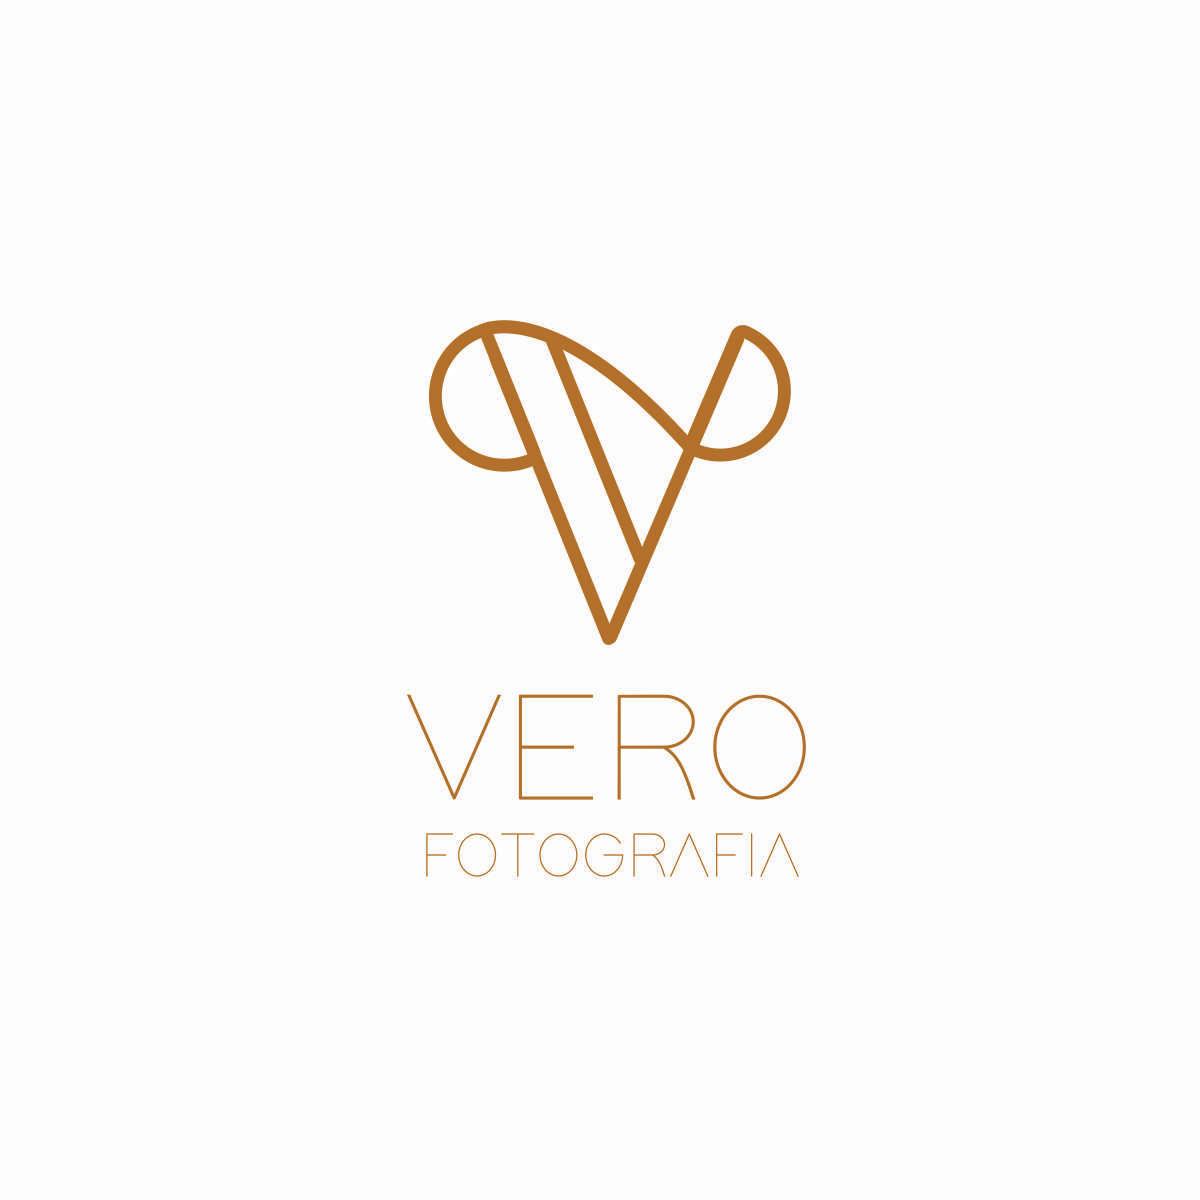 Sobre VERO Fotografia - Fotógrafo de Casamentos em Niterói e Rio de Janeiro - RJ